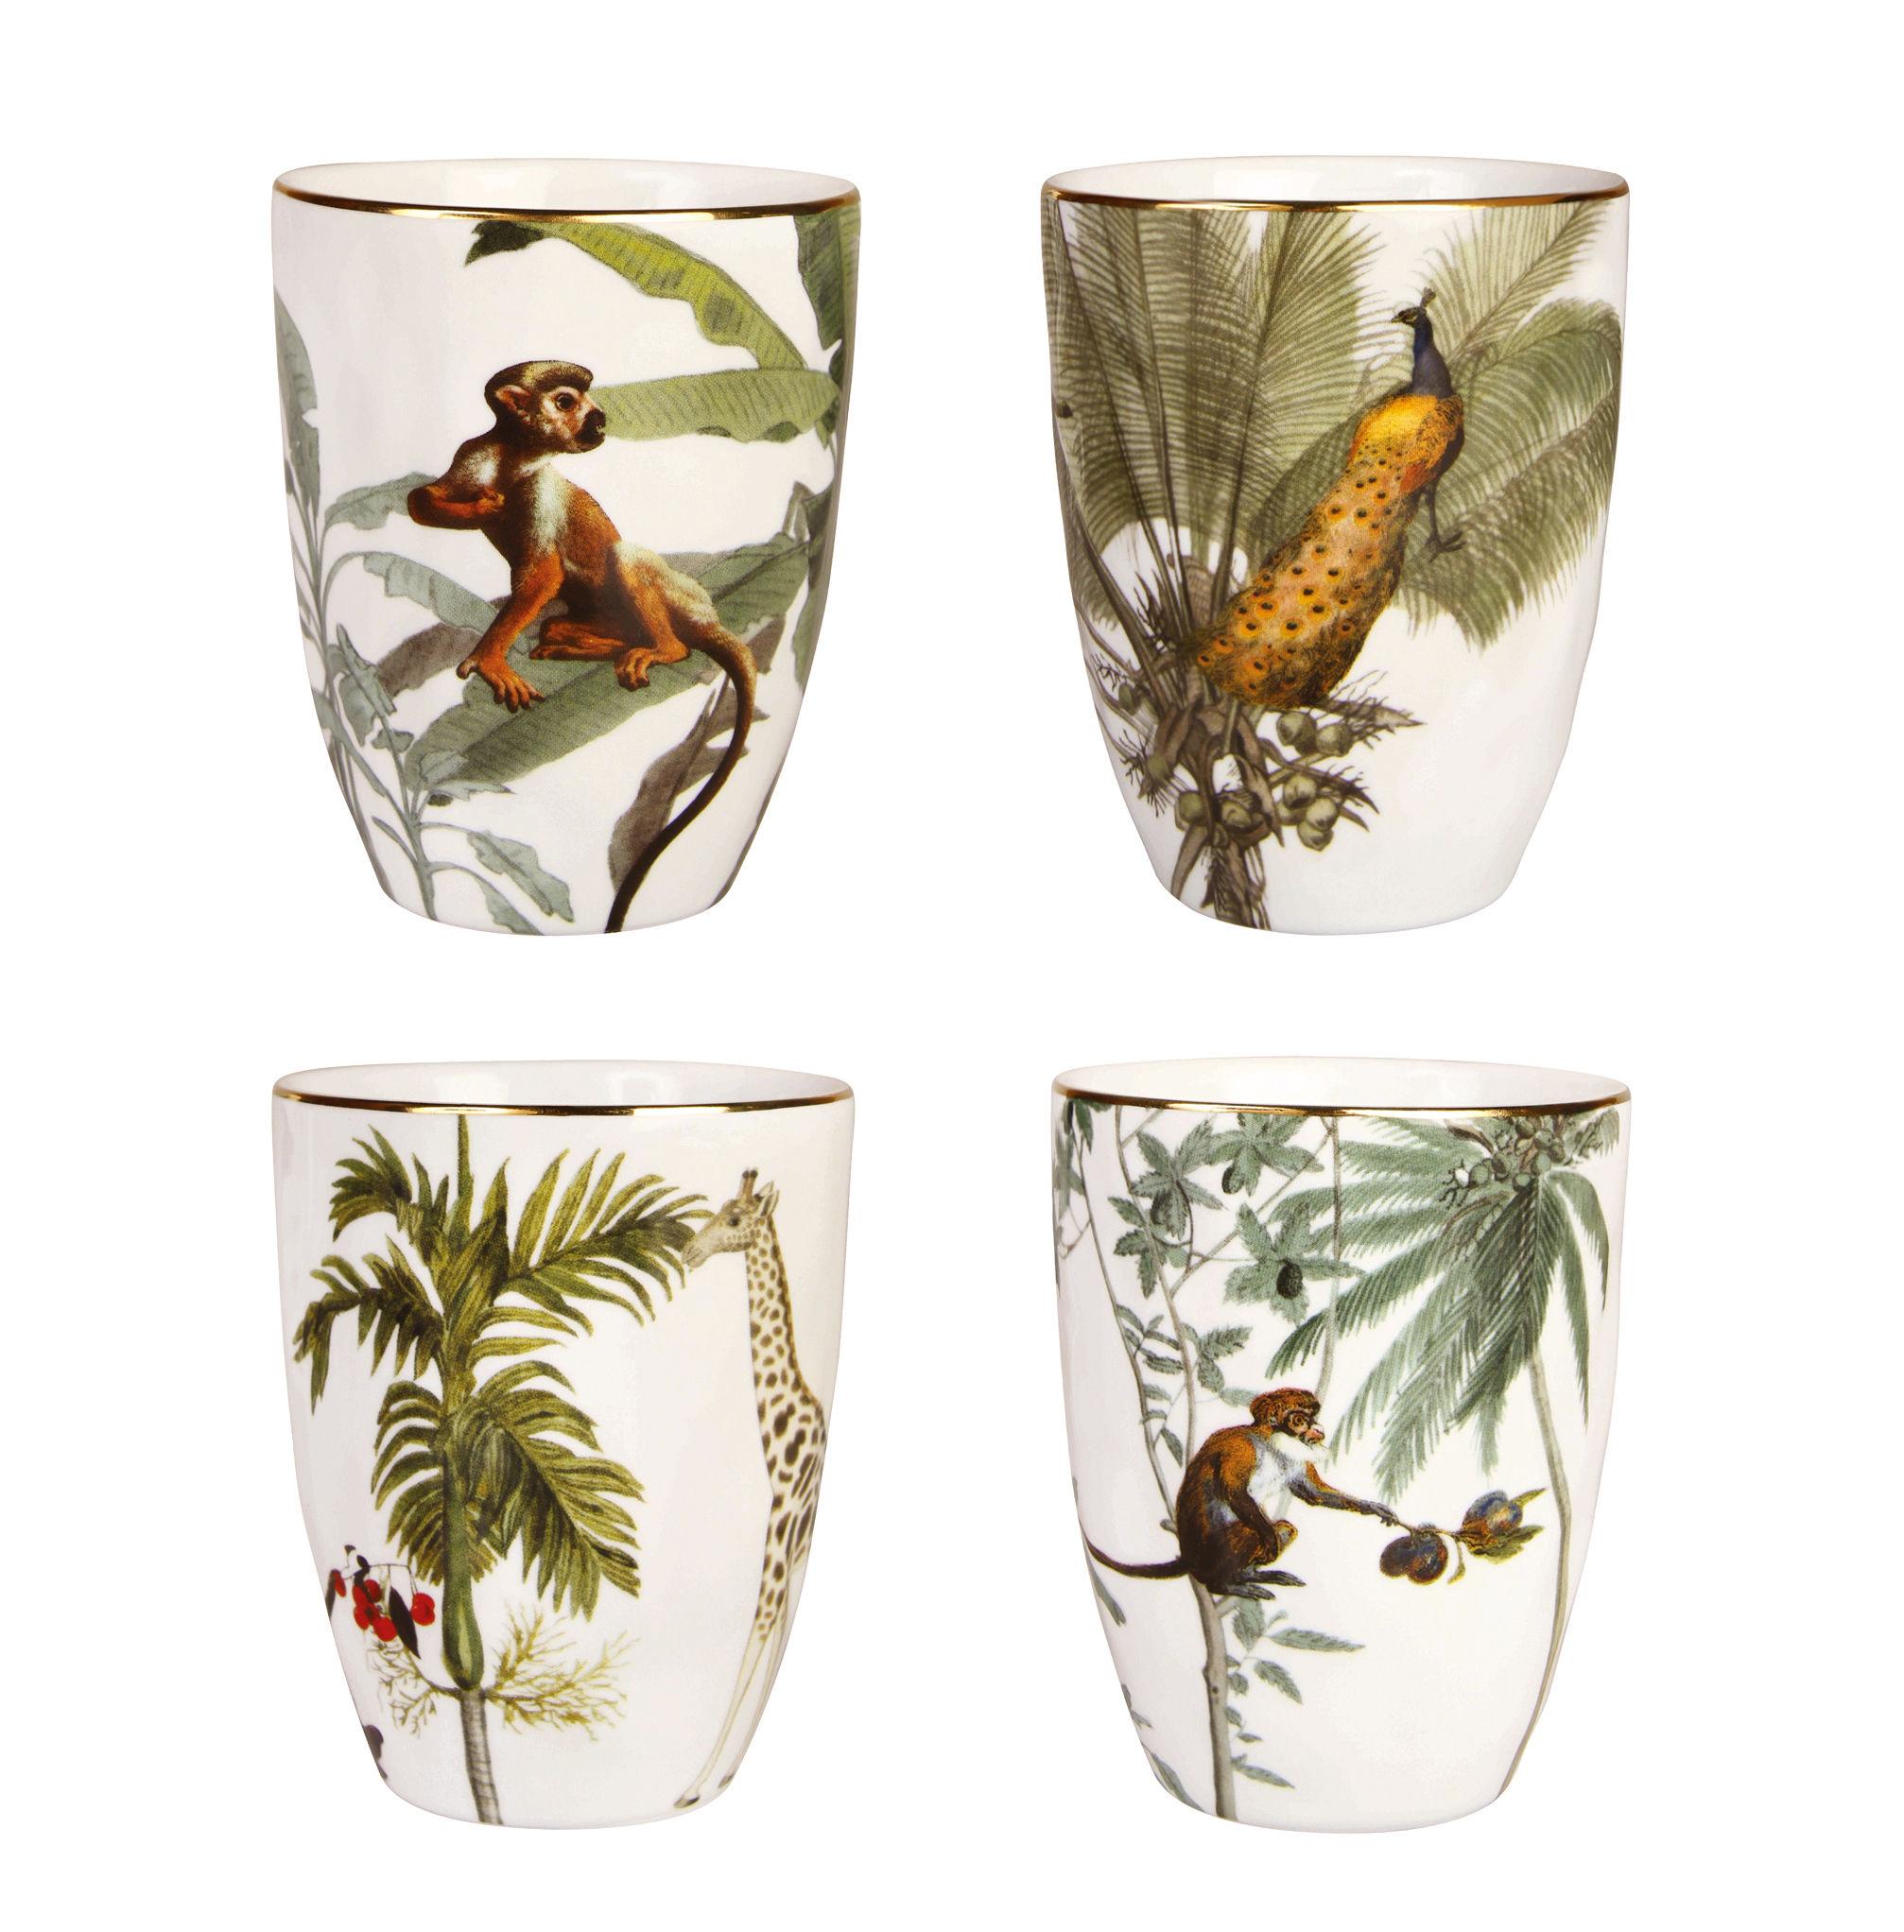 Arts de la table - Tasses et mugs - Mug Jungle / Set de 4 - Porcelaine - & klevering - Jungle / Multicolore - Porcelaine fine